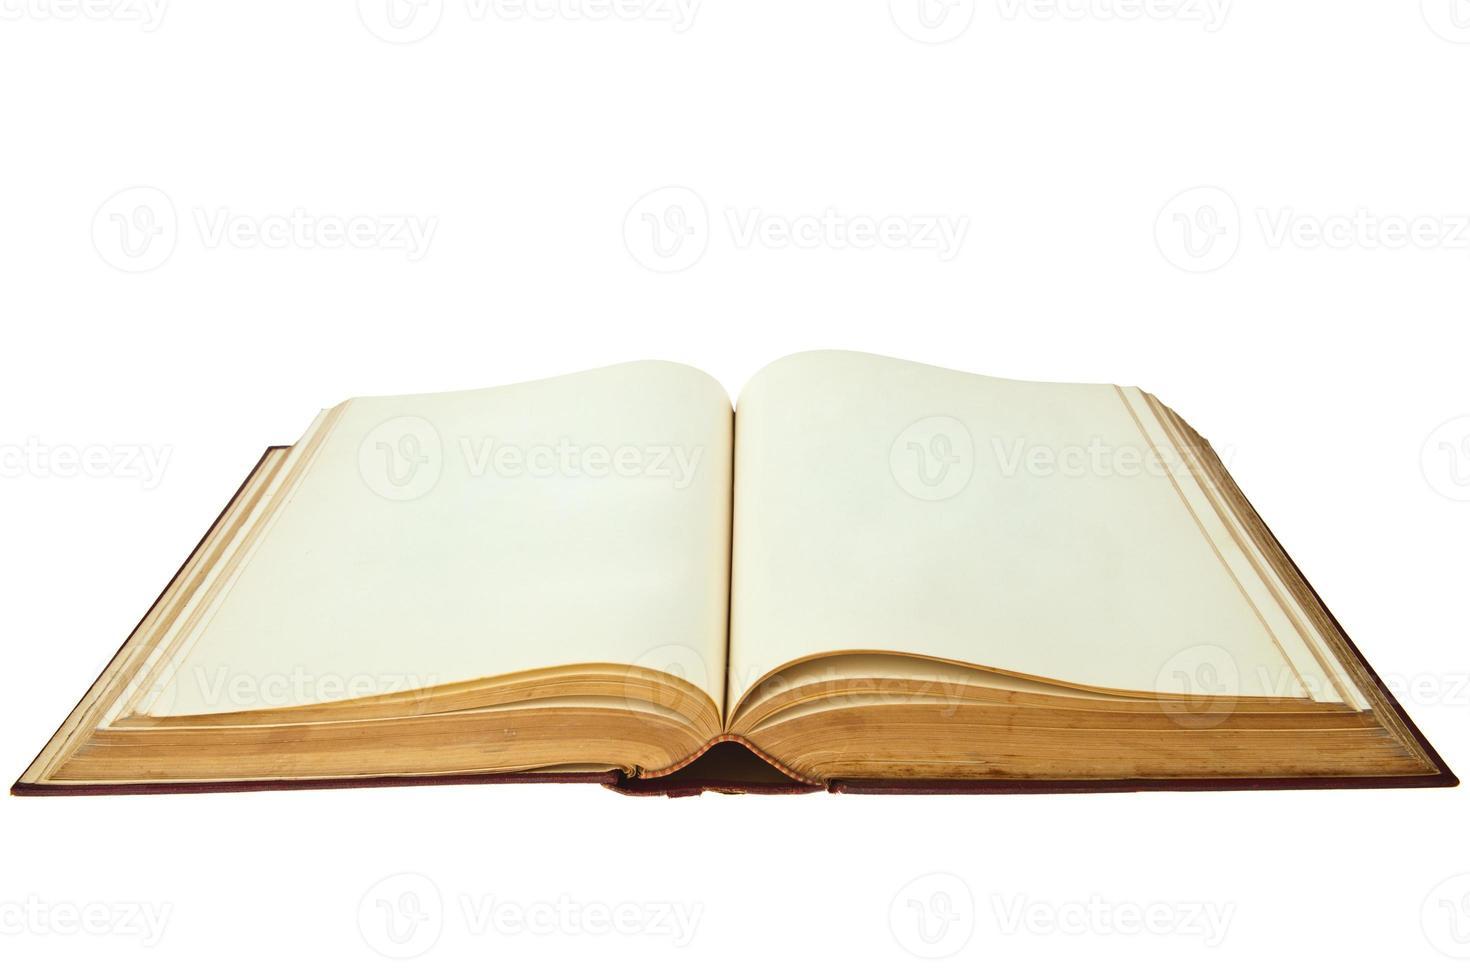 geöffnetes altes Buch lokalisiert auf weißem Hintergrund foto